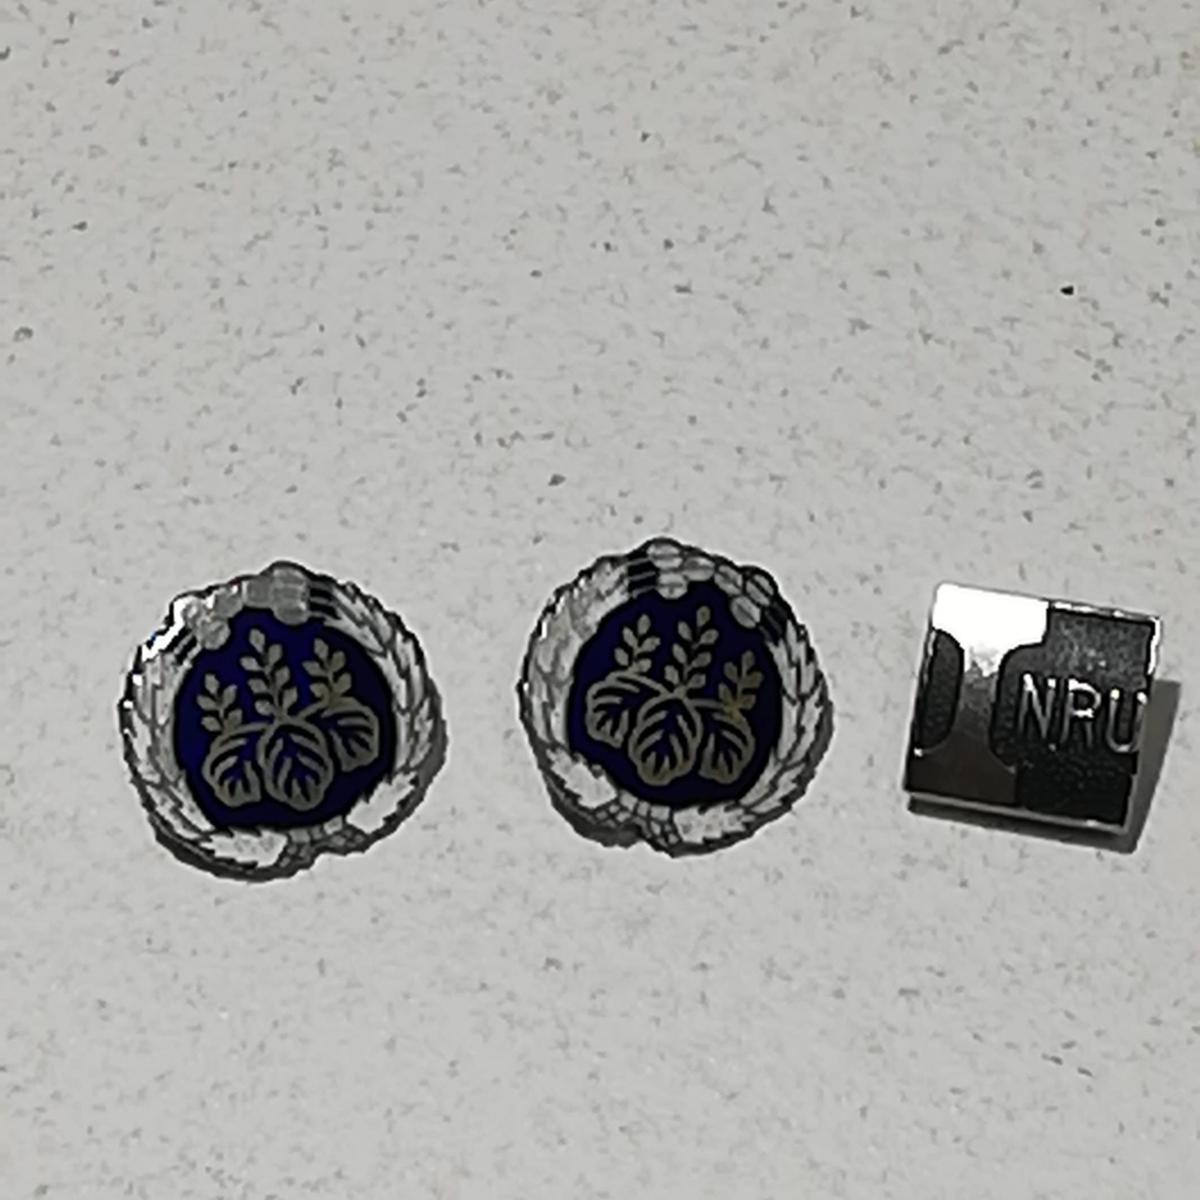 国鉄襟章 労組襟章 2つ